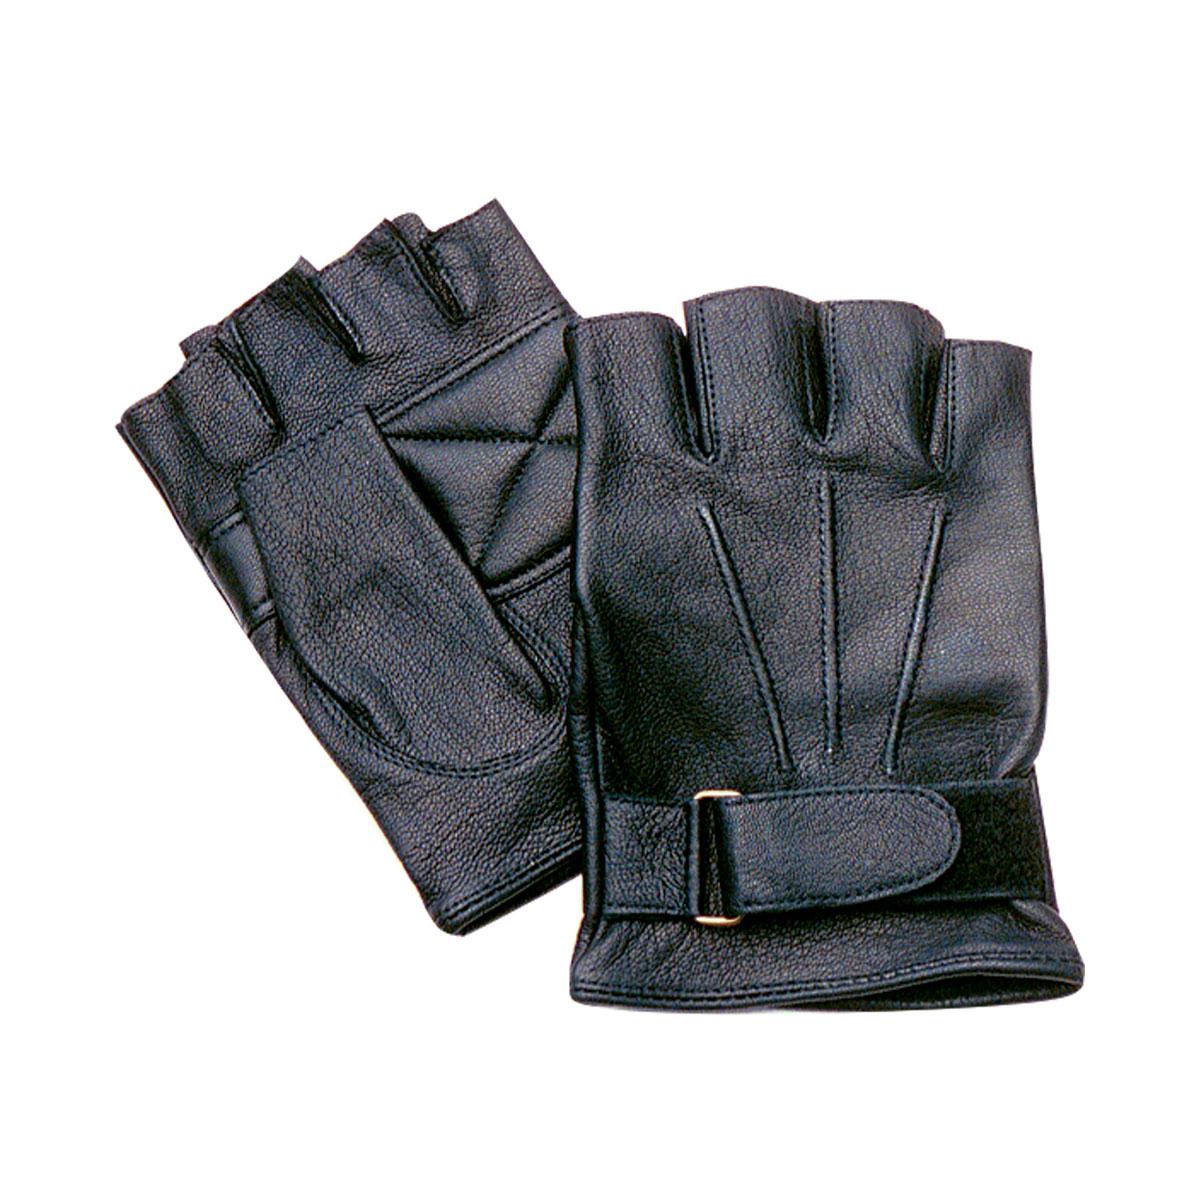 Fingerless Goatskin Gloves